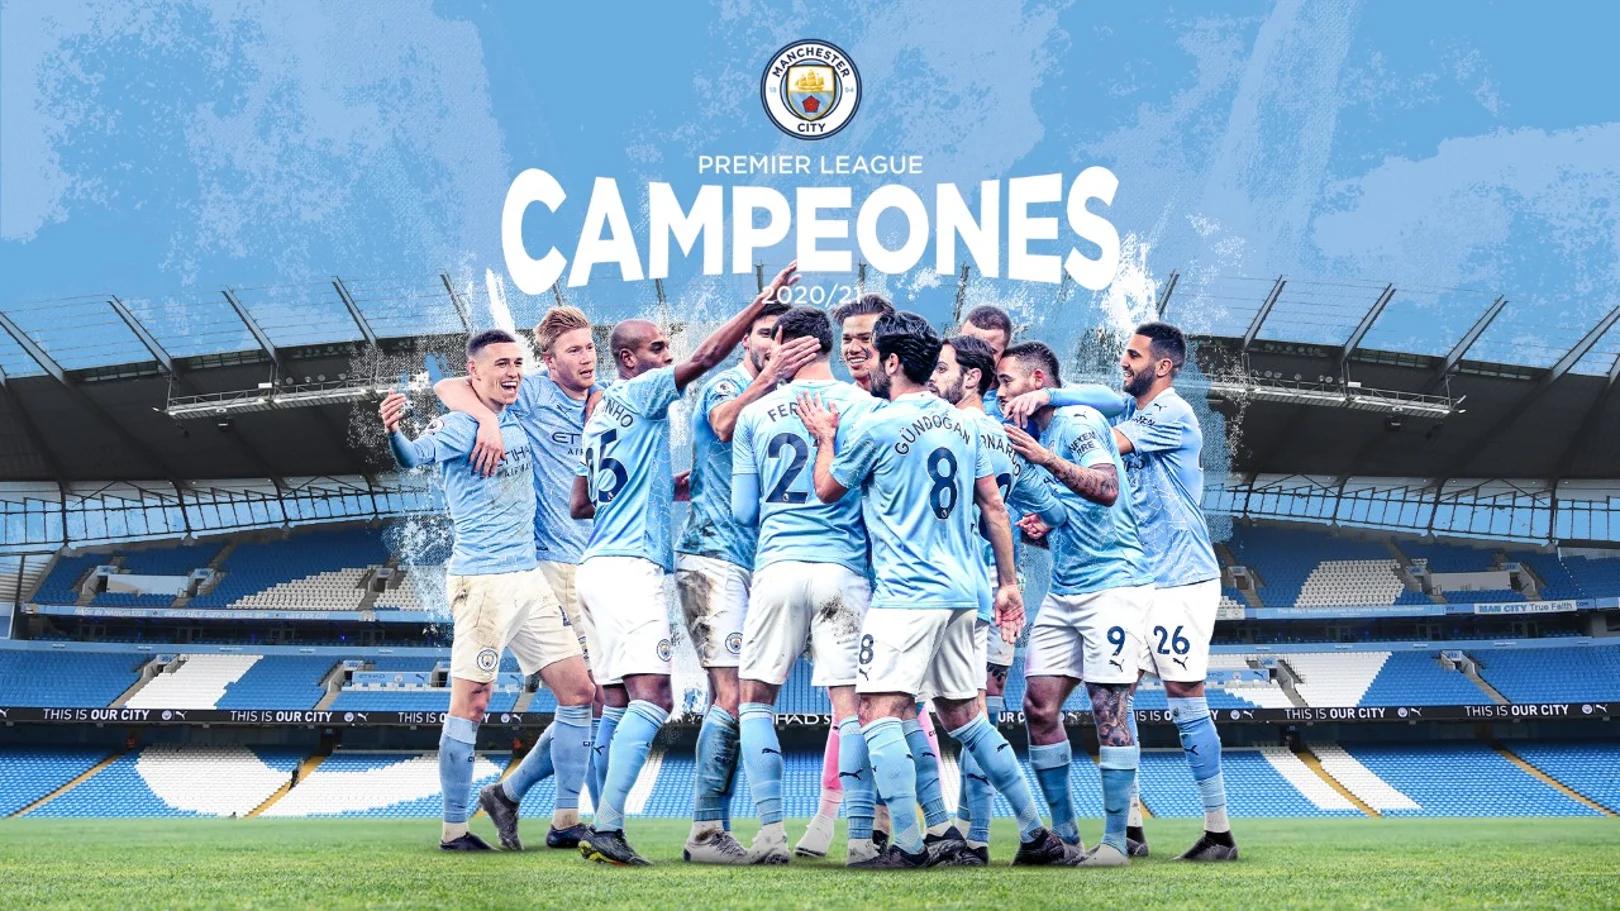 Manchester City se coronó campeón de la Premir League.